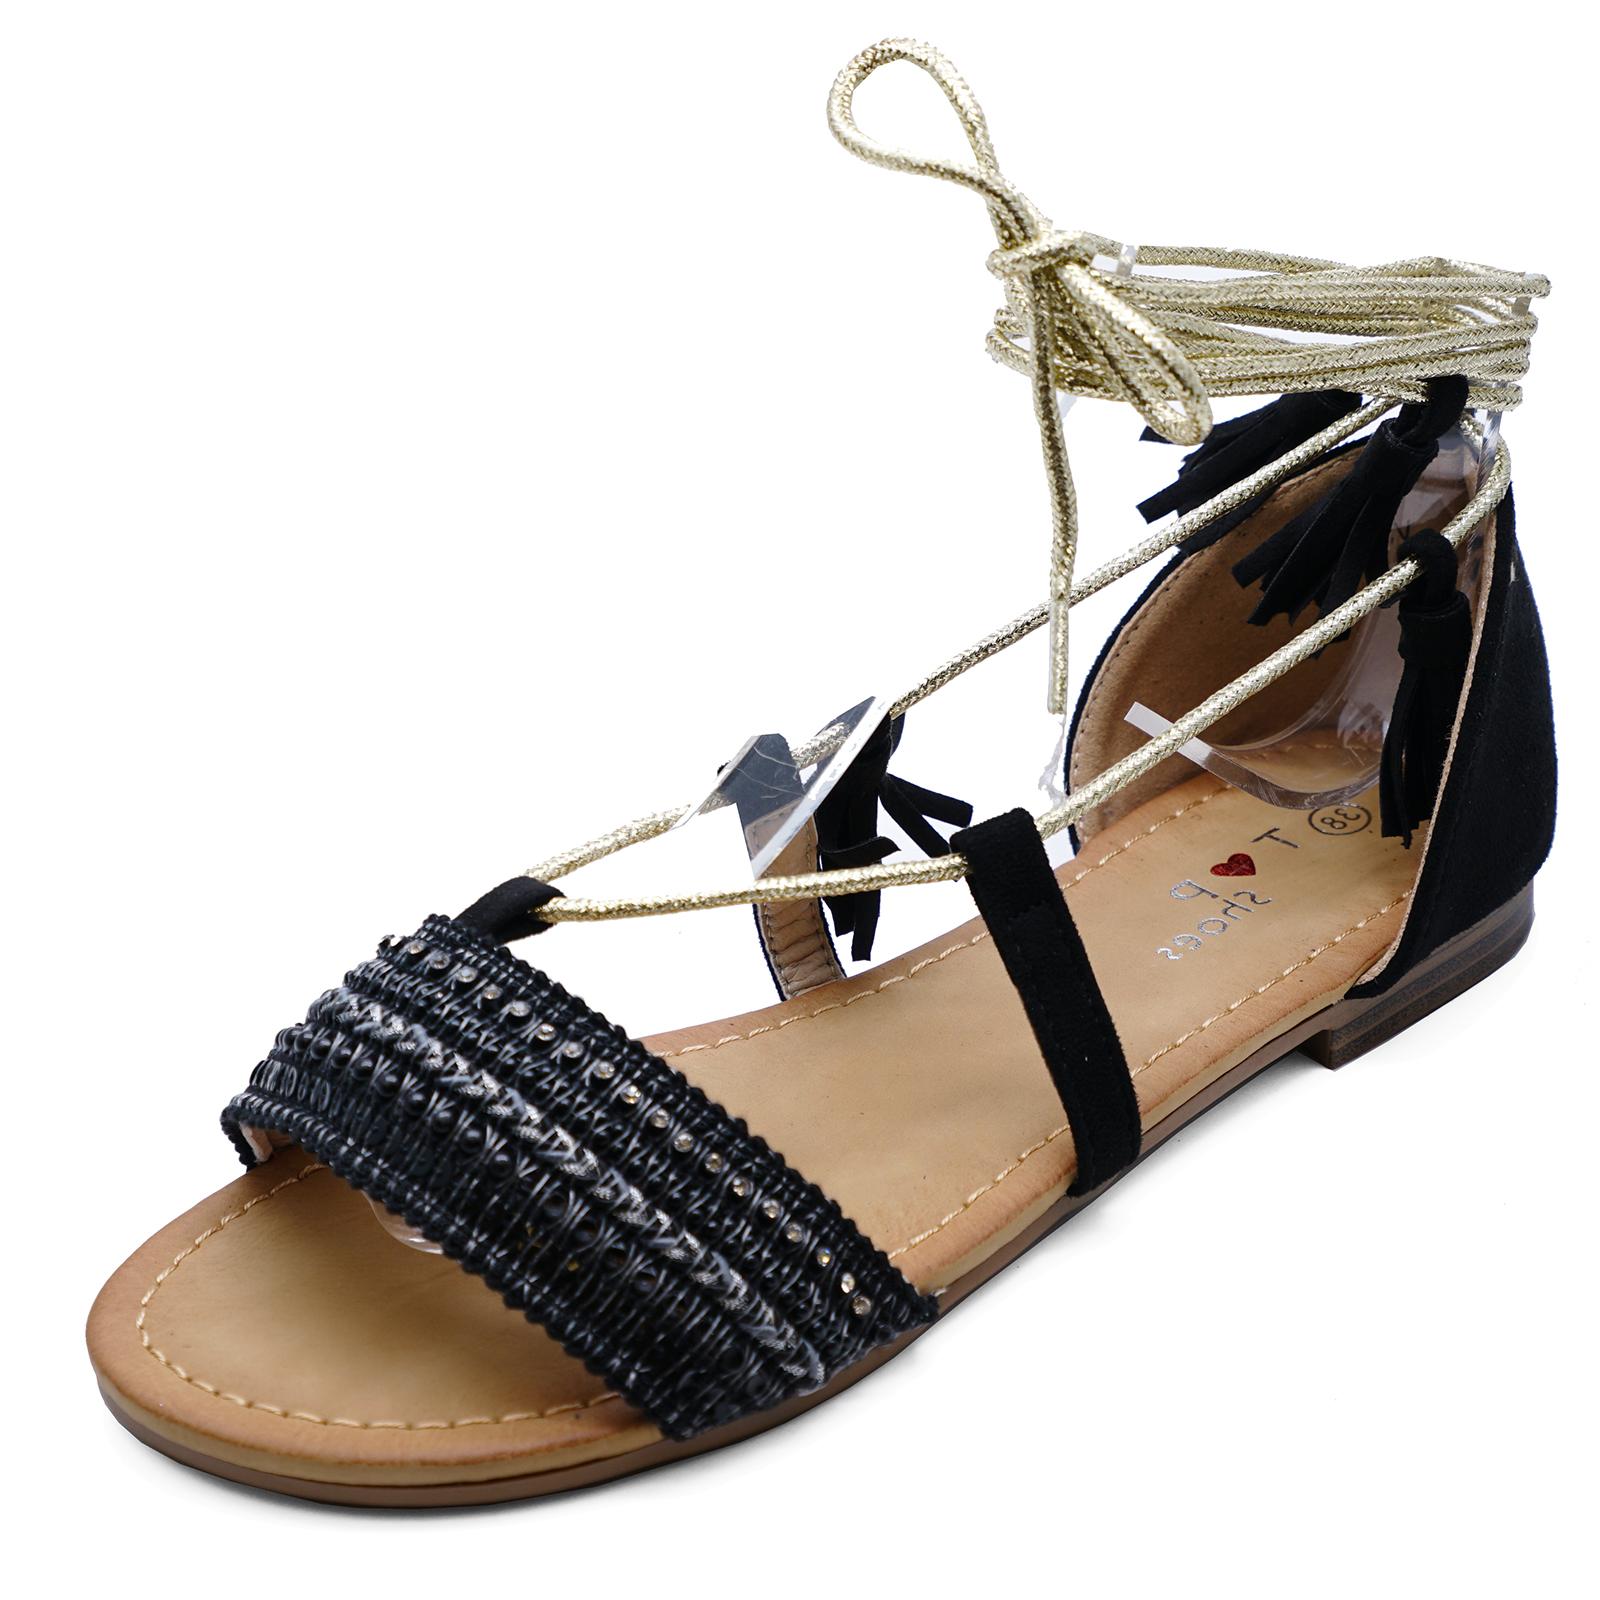 30a76a657d6049 Las Flat Black Tie Up Ankle Sandals Flip Flop Summer Open Toe